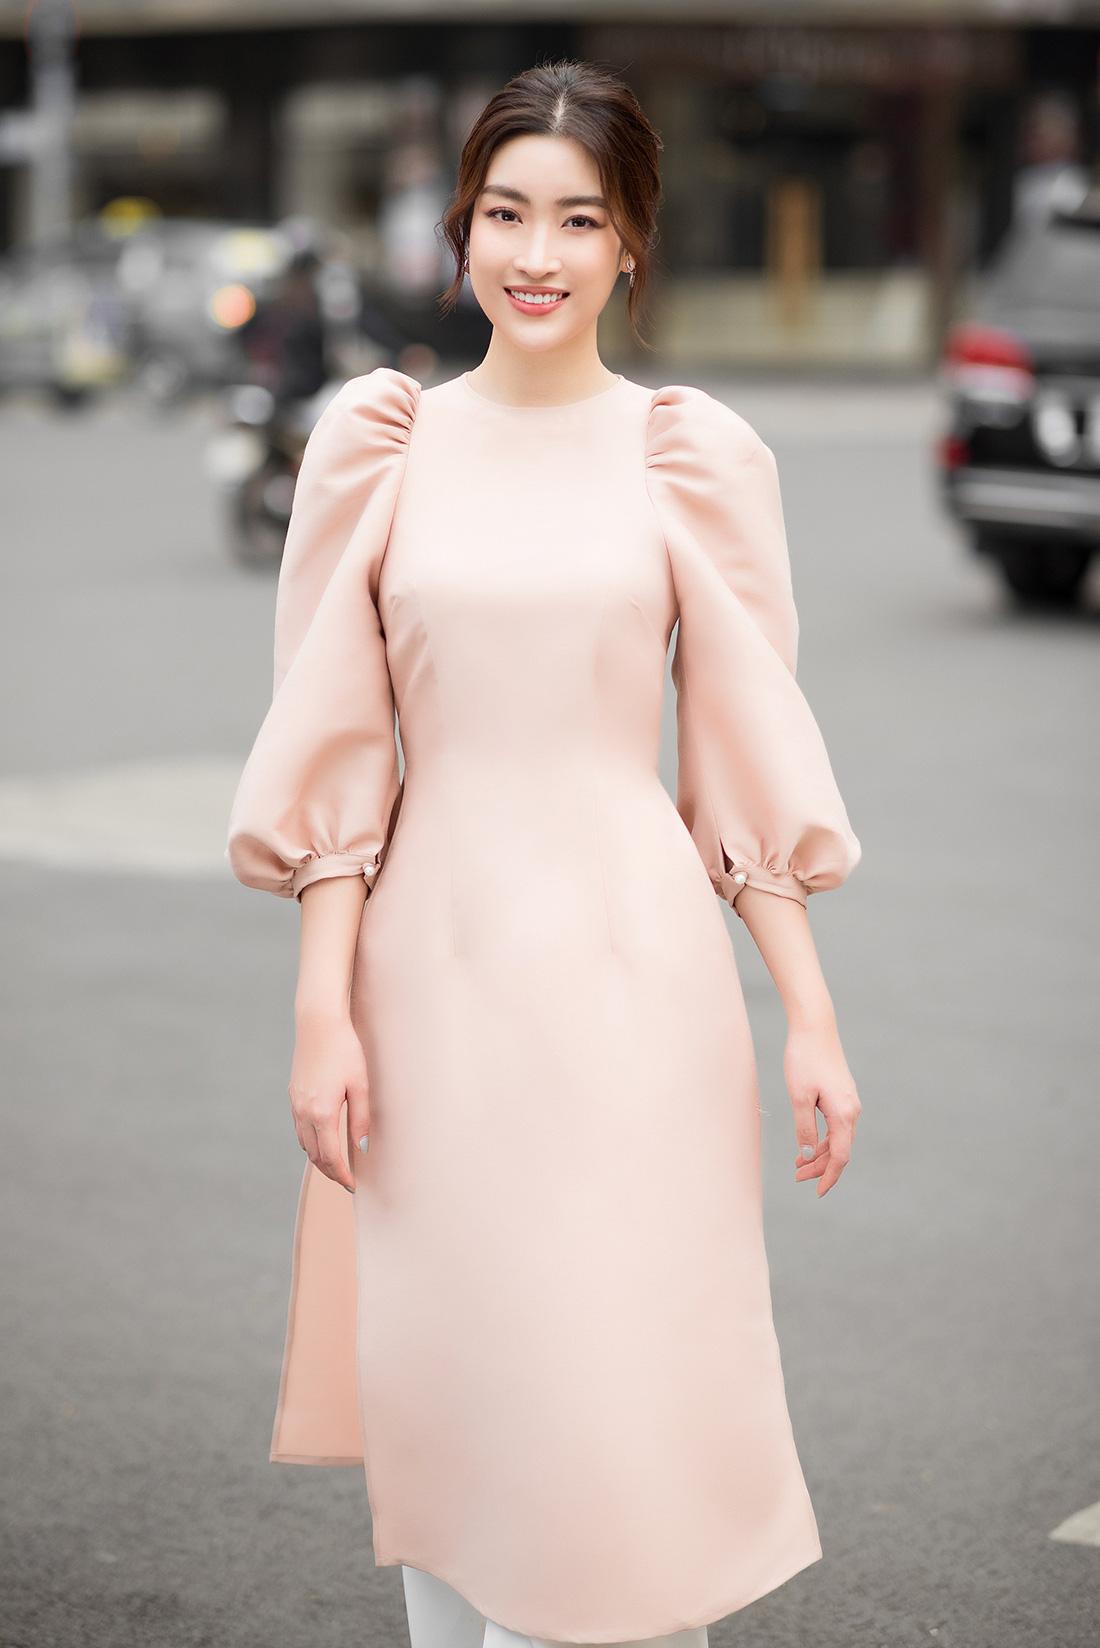 Đỗ Mỹ Linh, Trần Tiểu Vy gợi ý cách mặc áo dài Tết đẹp như hoa hậu - Ảnh 1.